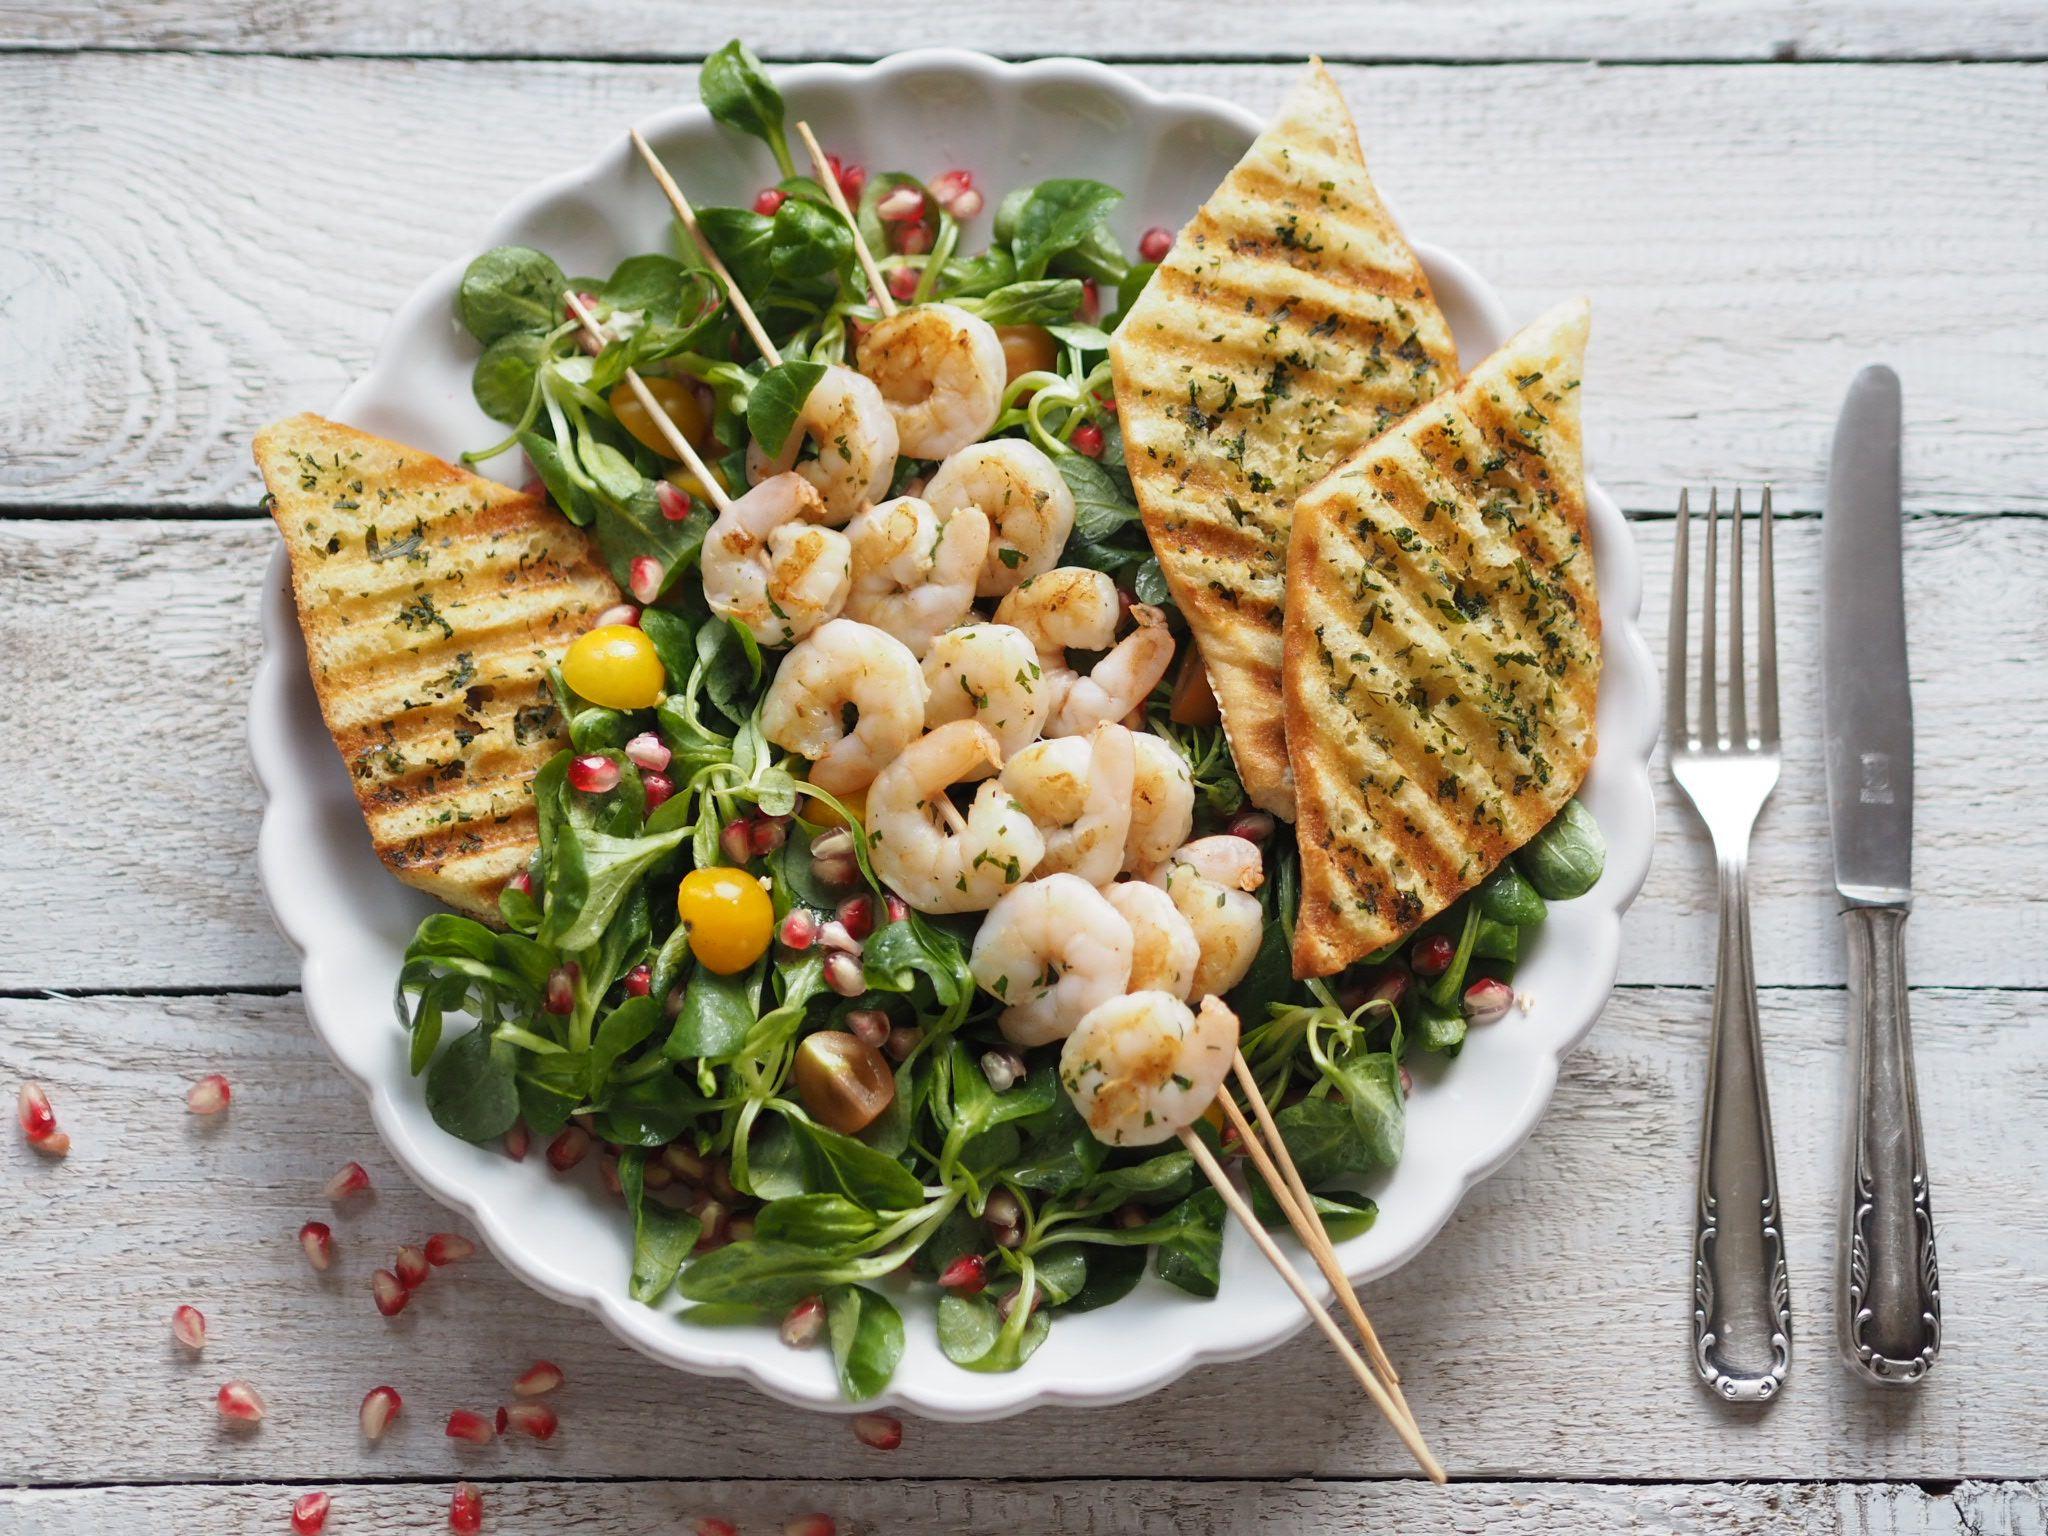 Letní salát s krevetami, fenyklem a granátovým jablkem | Na skok v kuchyni